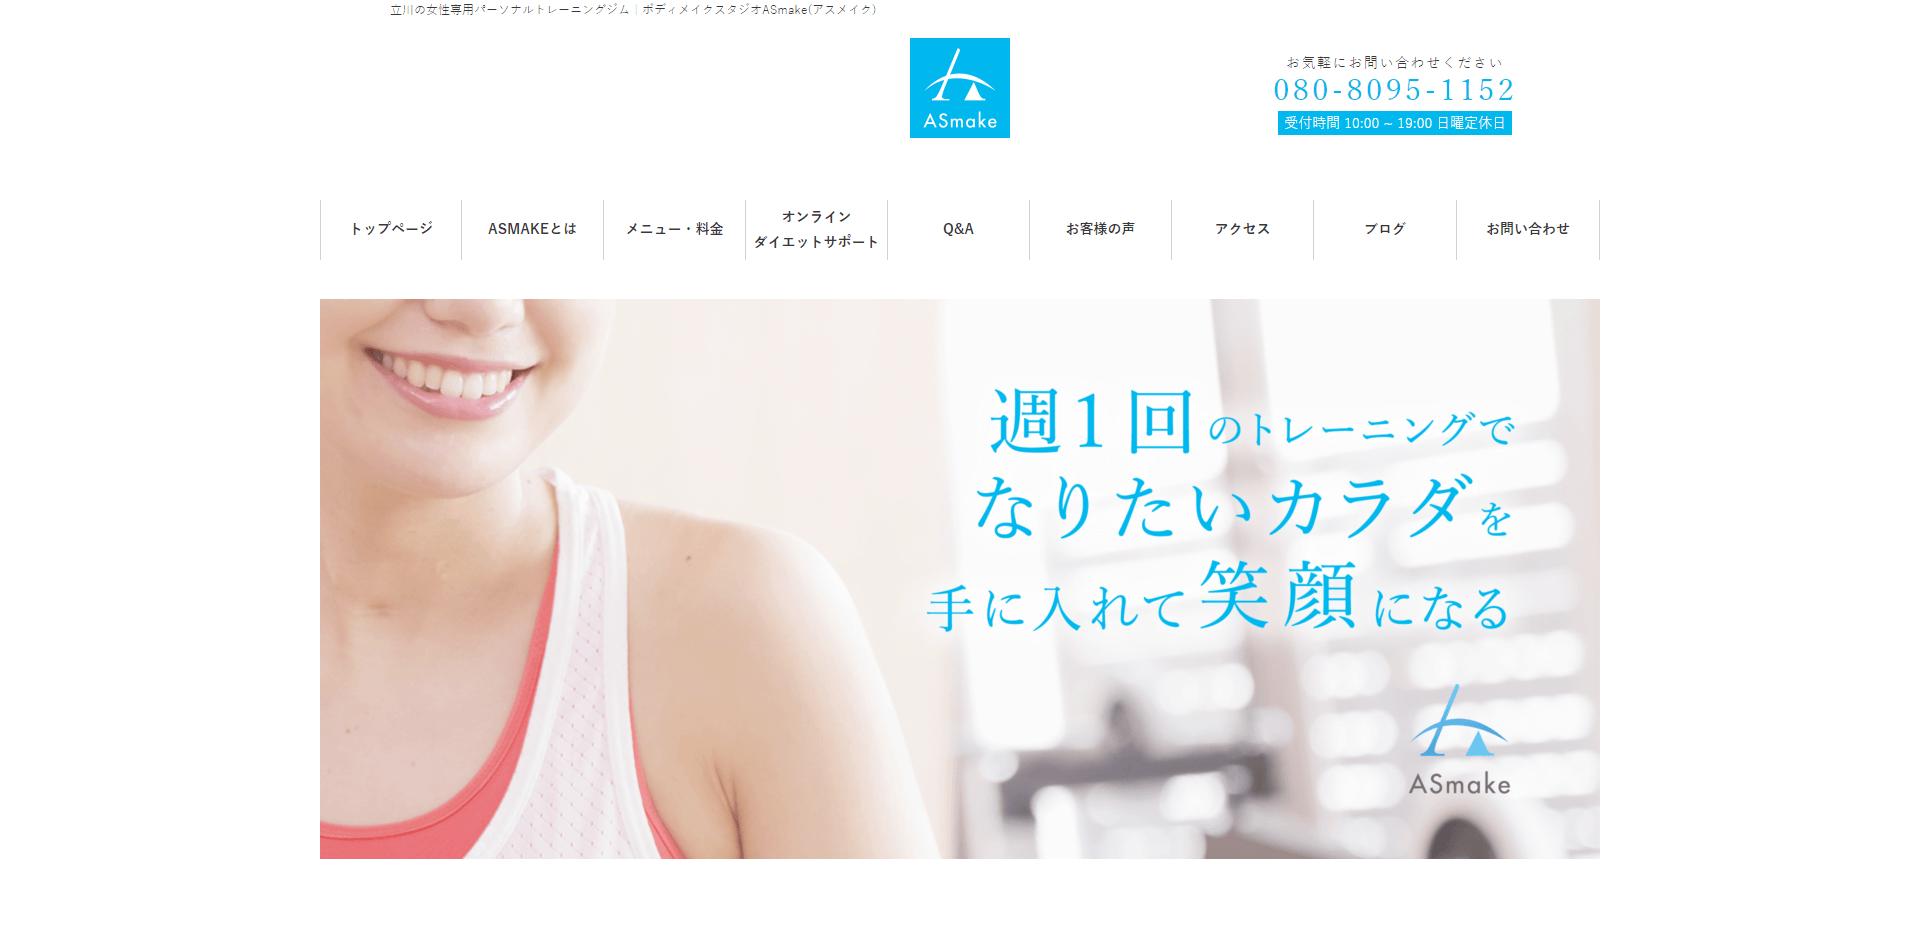 立川駅周辺エリアでおすすめのパーソナルトレーニングジム「asmake」